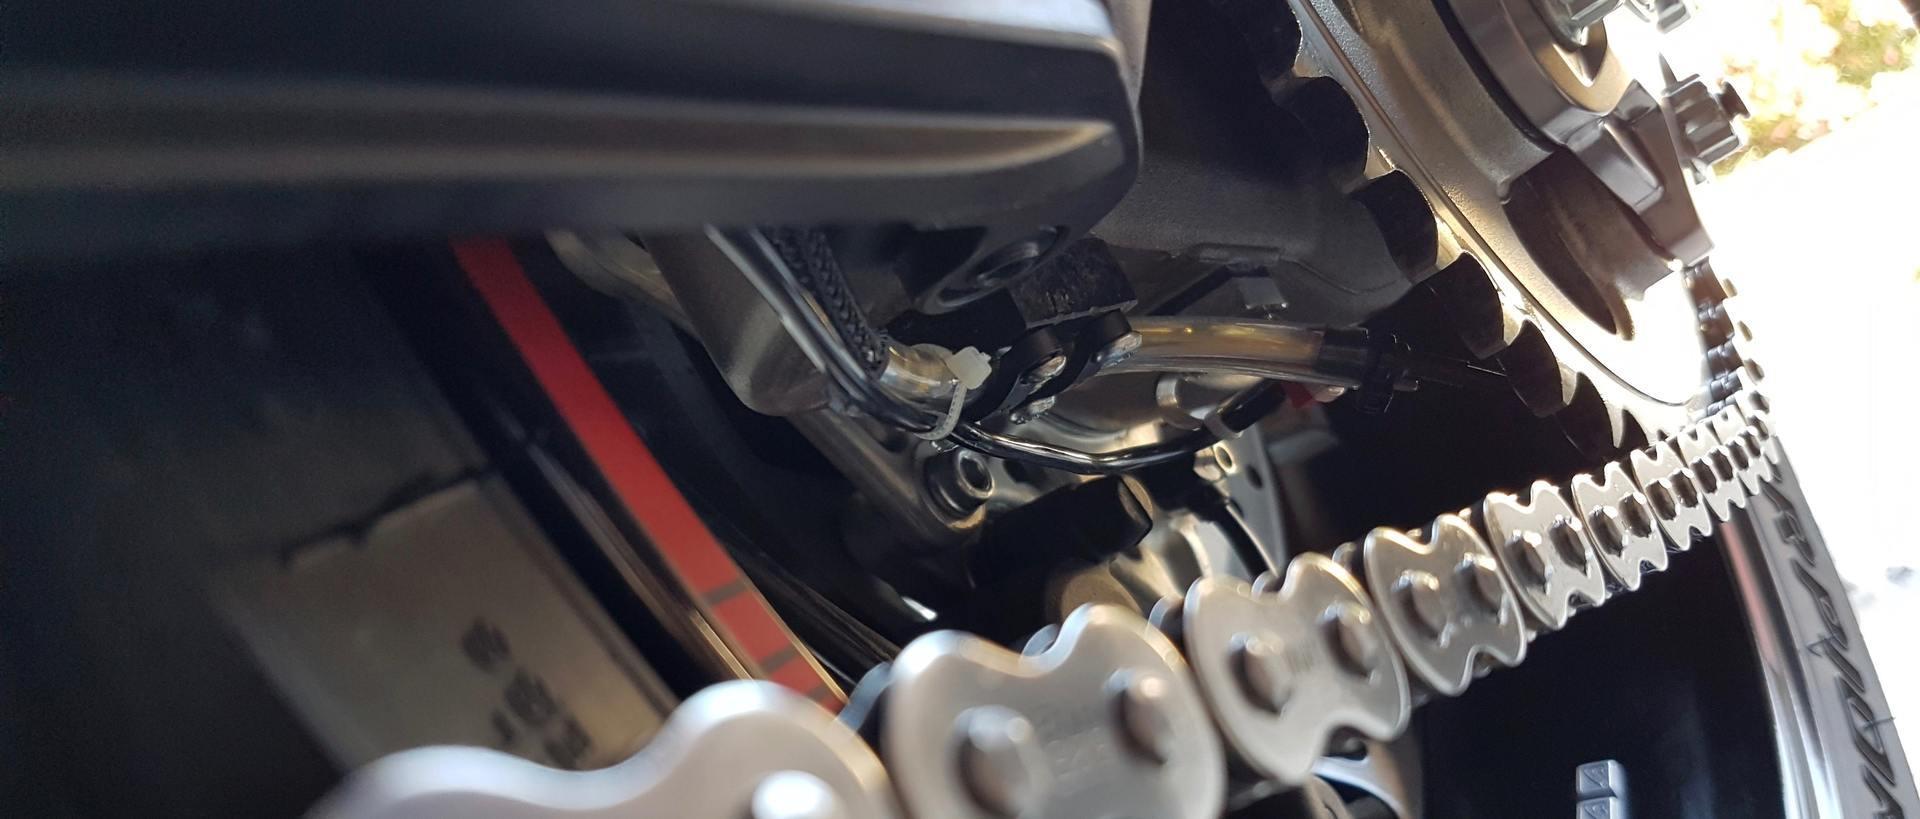 graisseur de cha ne automatique cls evo par les clients de nova motobienvenue chez nova moto. Black Bedroom Furniture Sets. Home Design Ideas